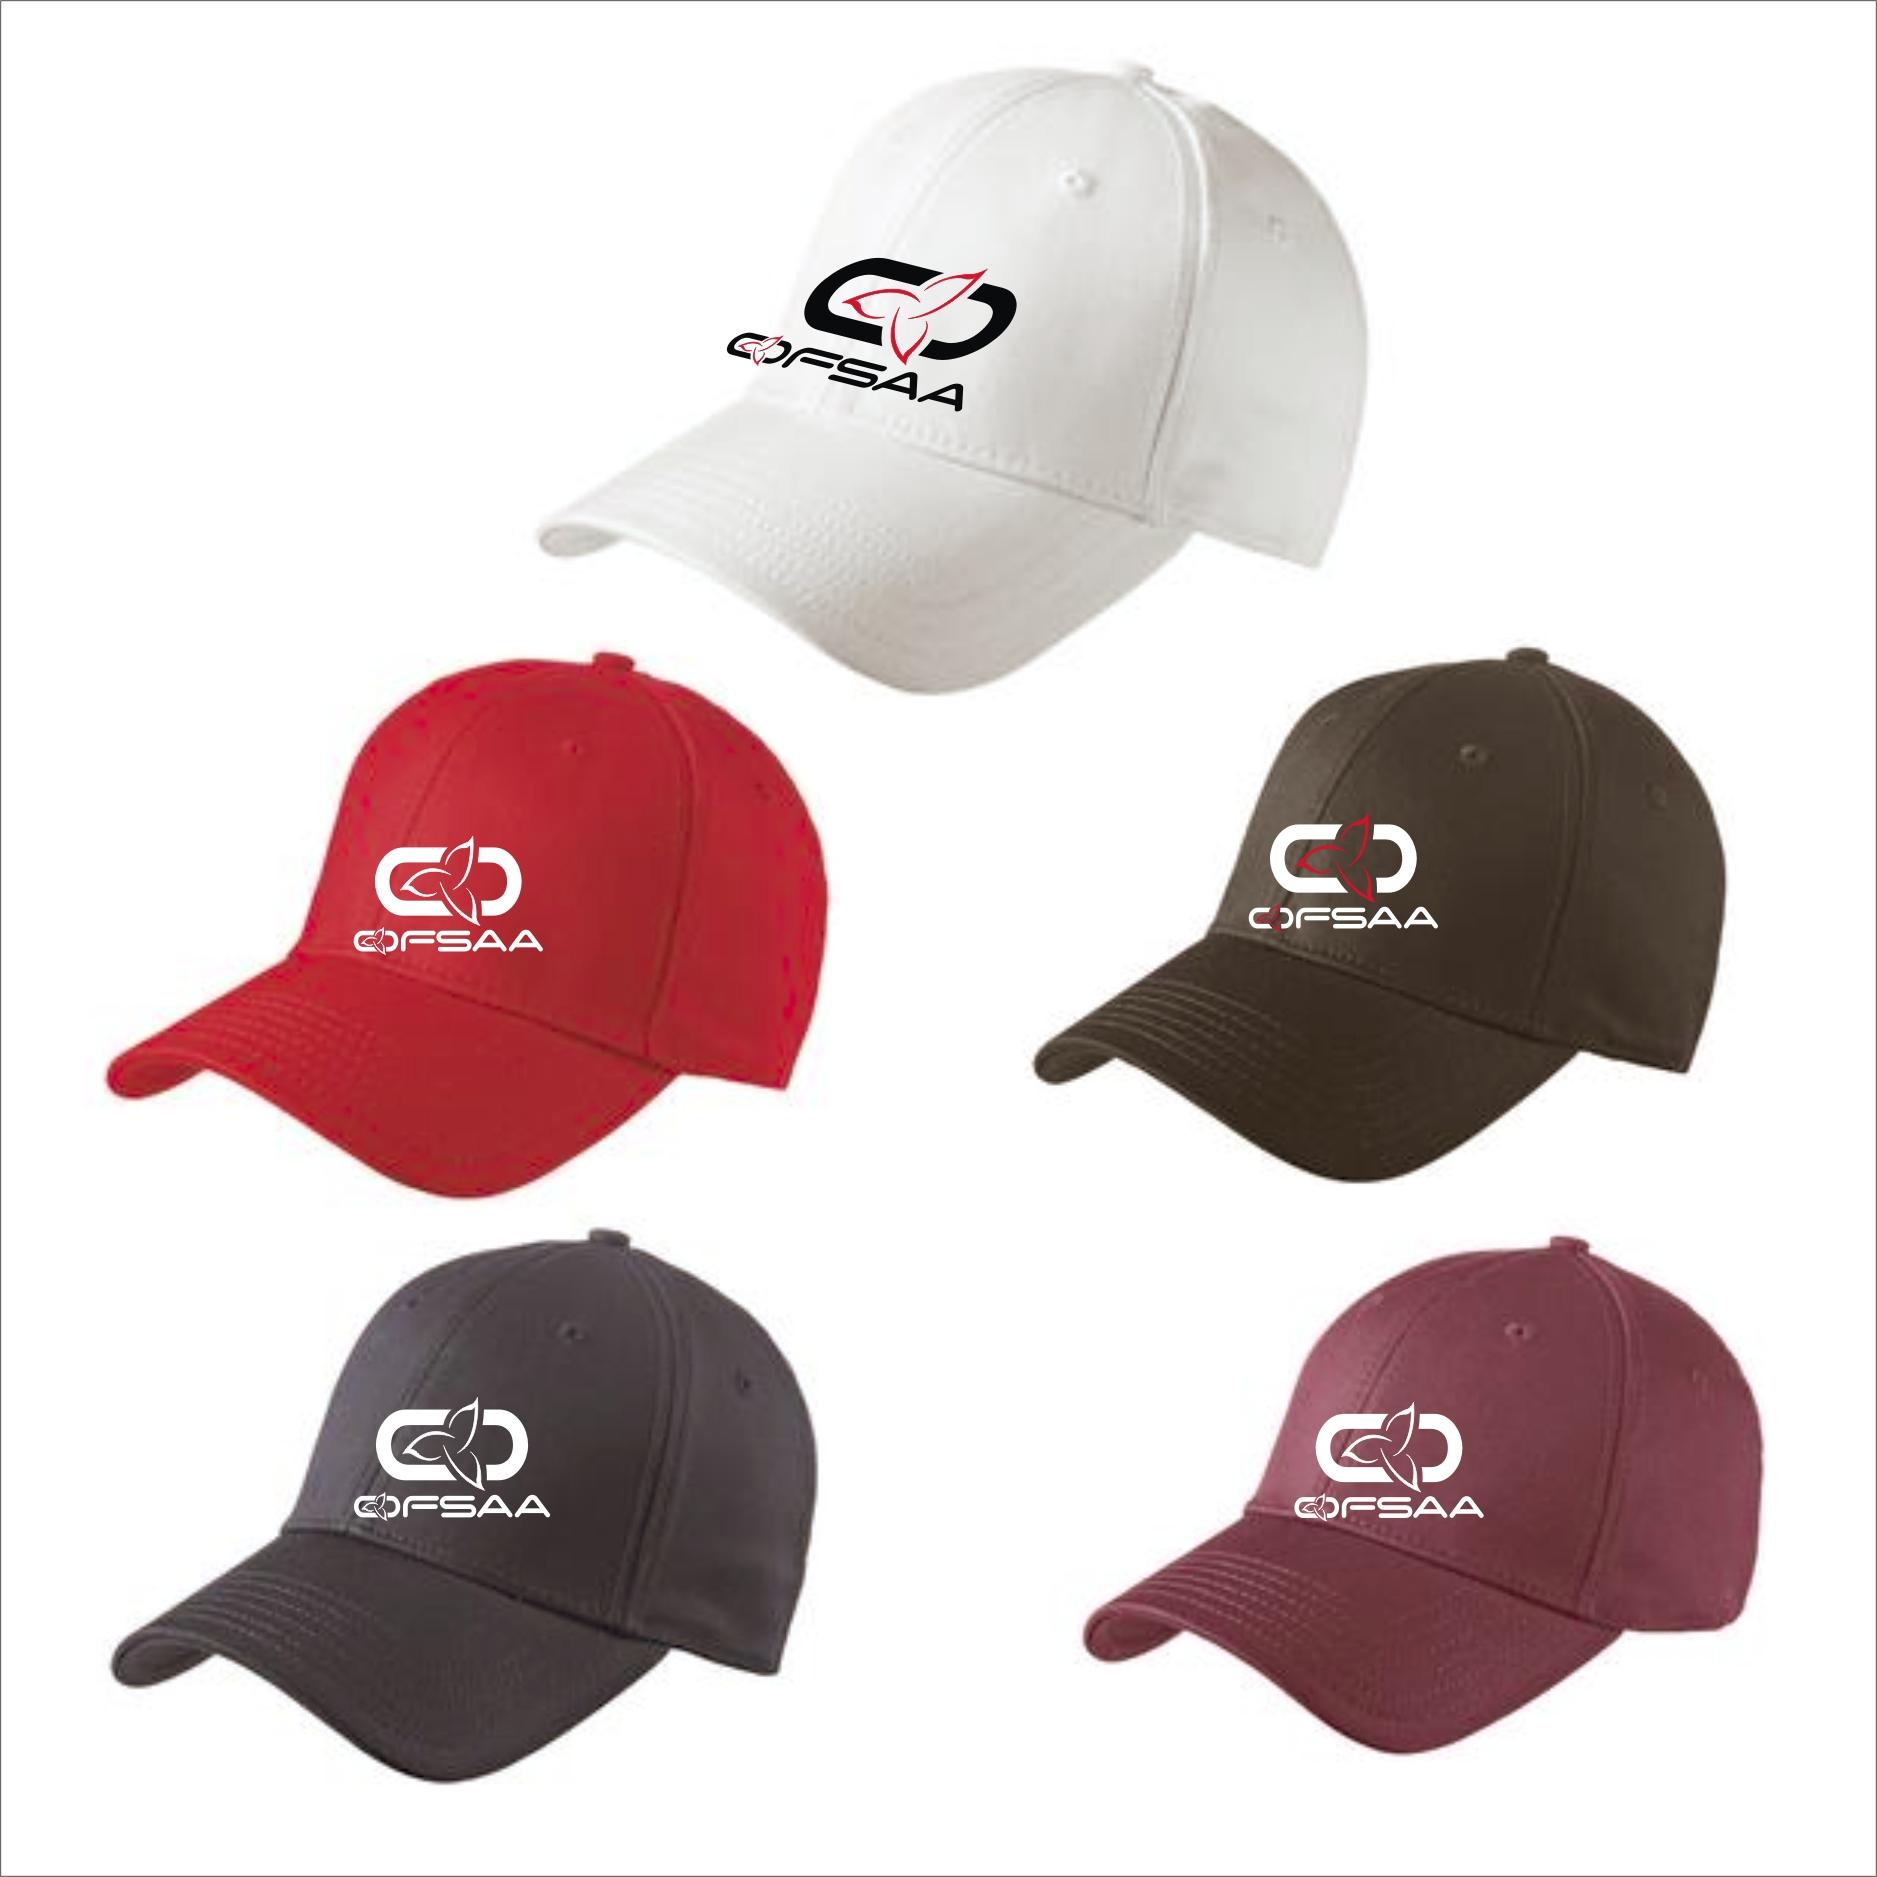 Ball hats.jpg